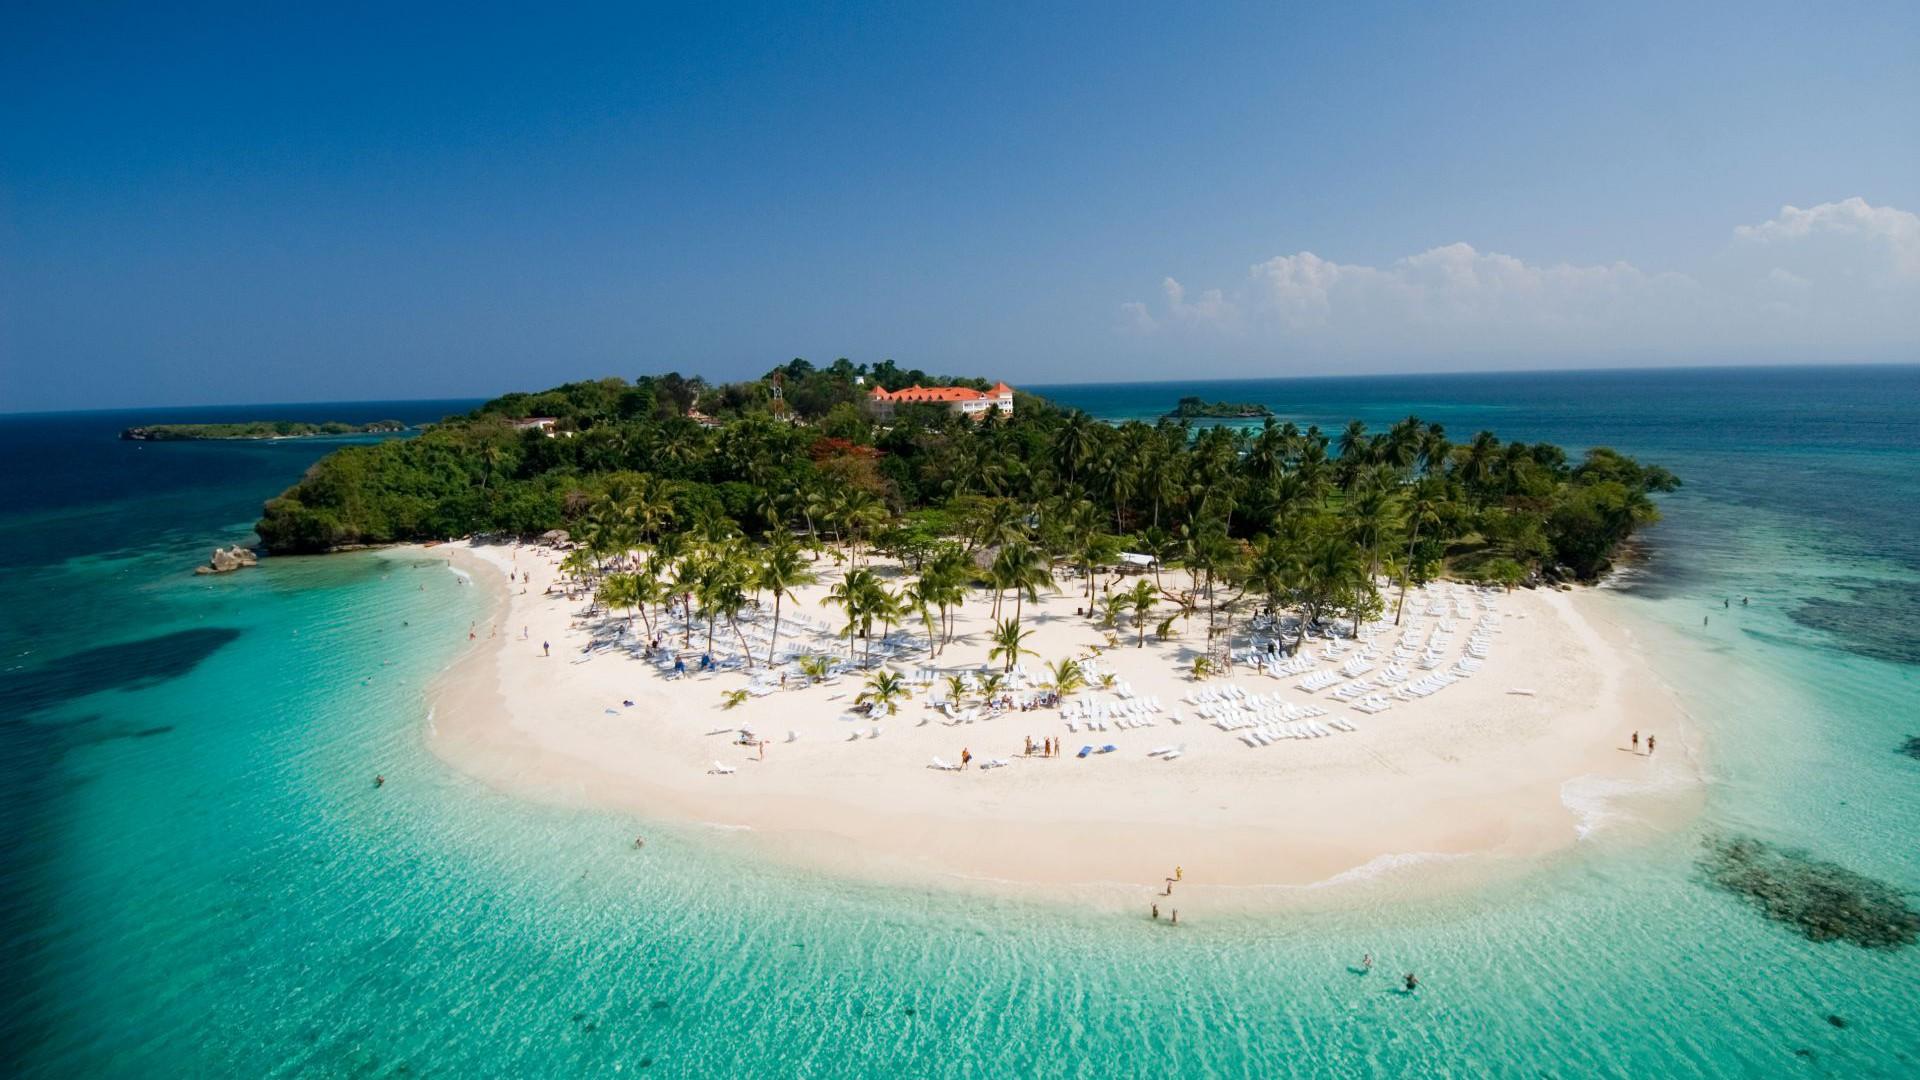 Выбор сделан! Летим в Доминикану! Специальные цены на вылет в ноябре